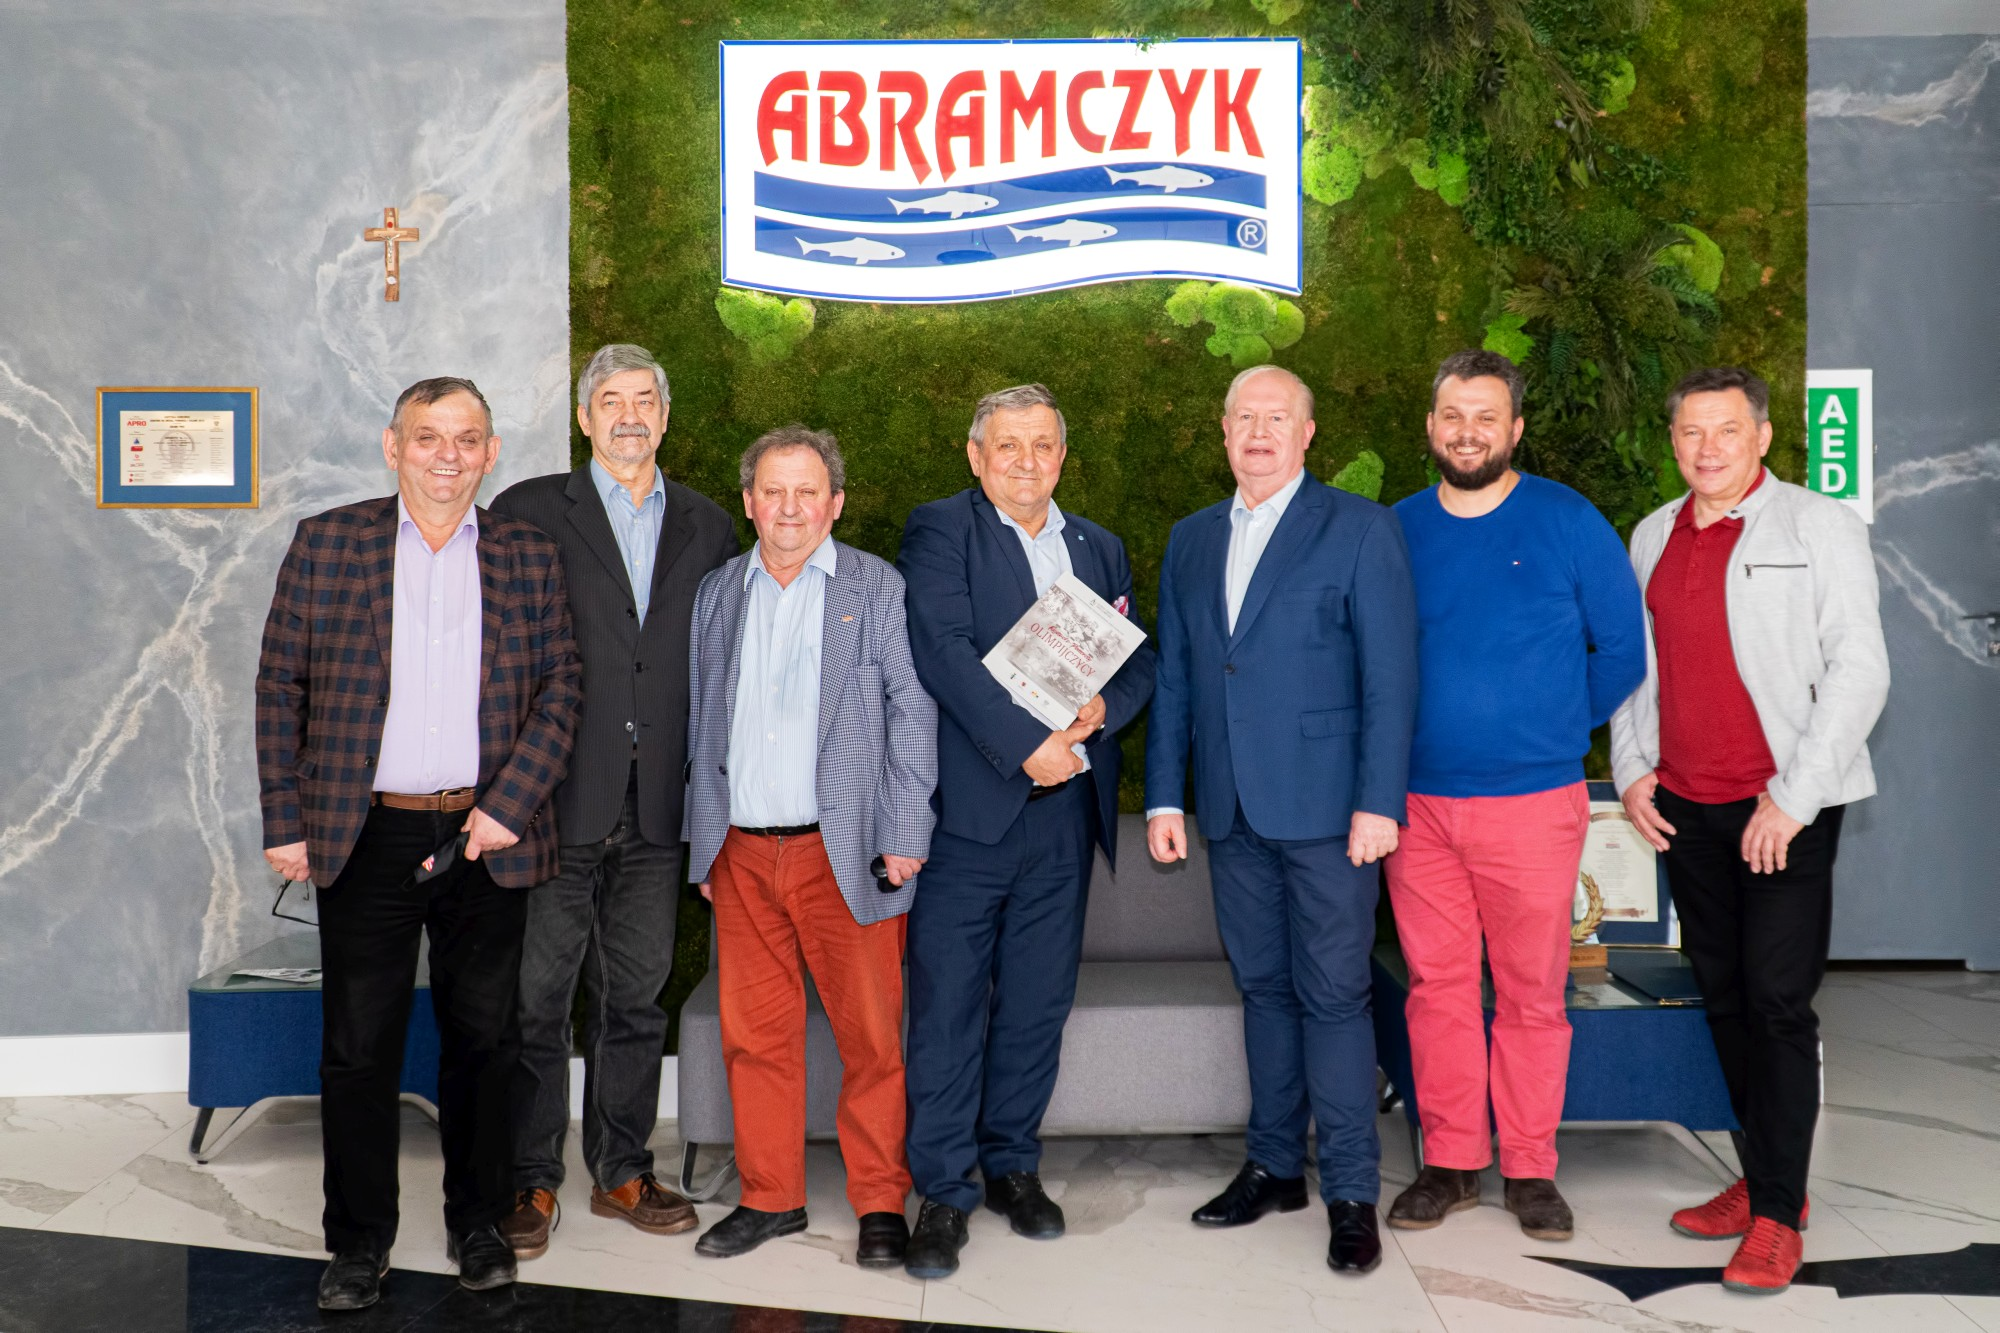 abramczyk_album